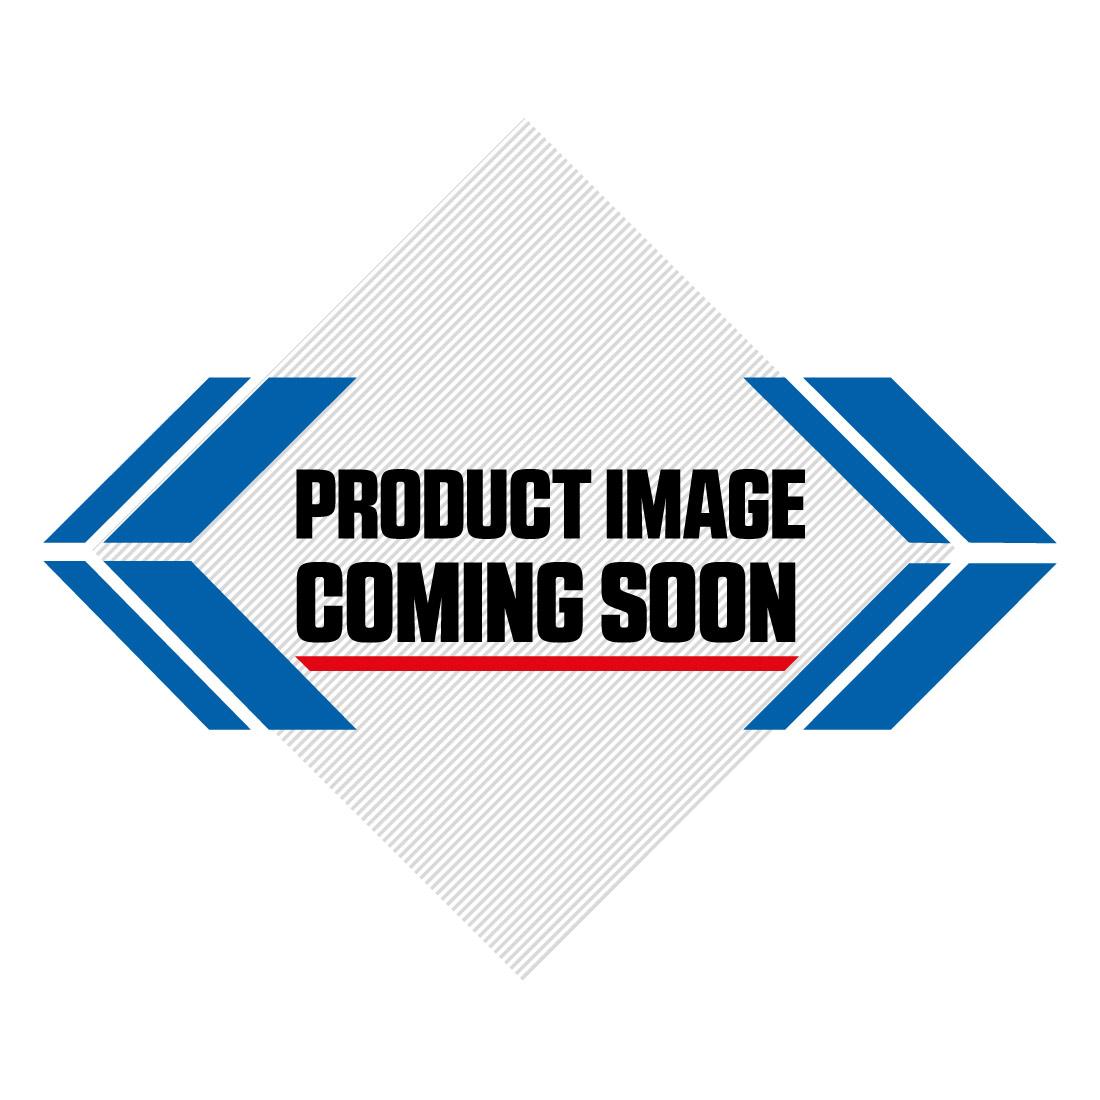 Husqvarna Plastic Kit OEM Factory Image-2